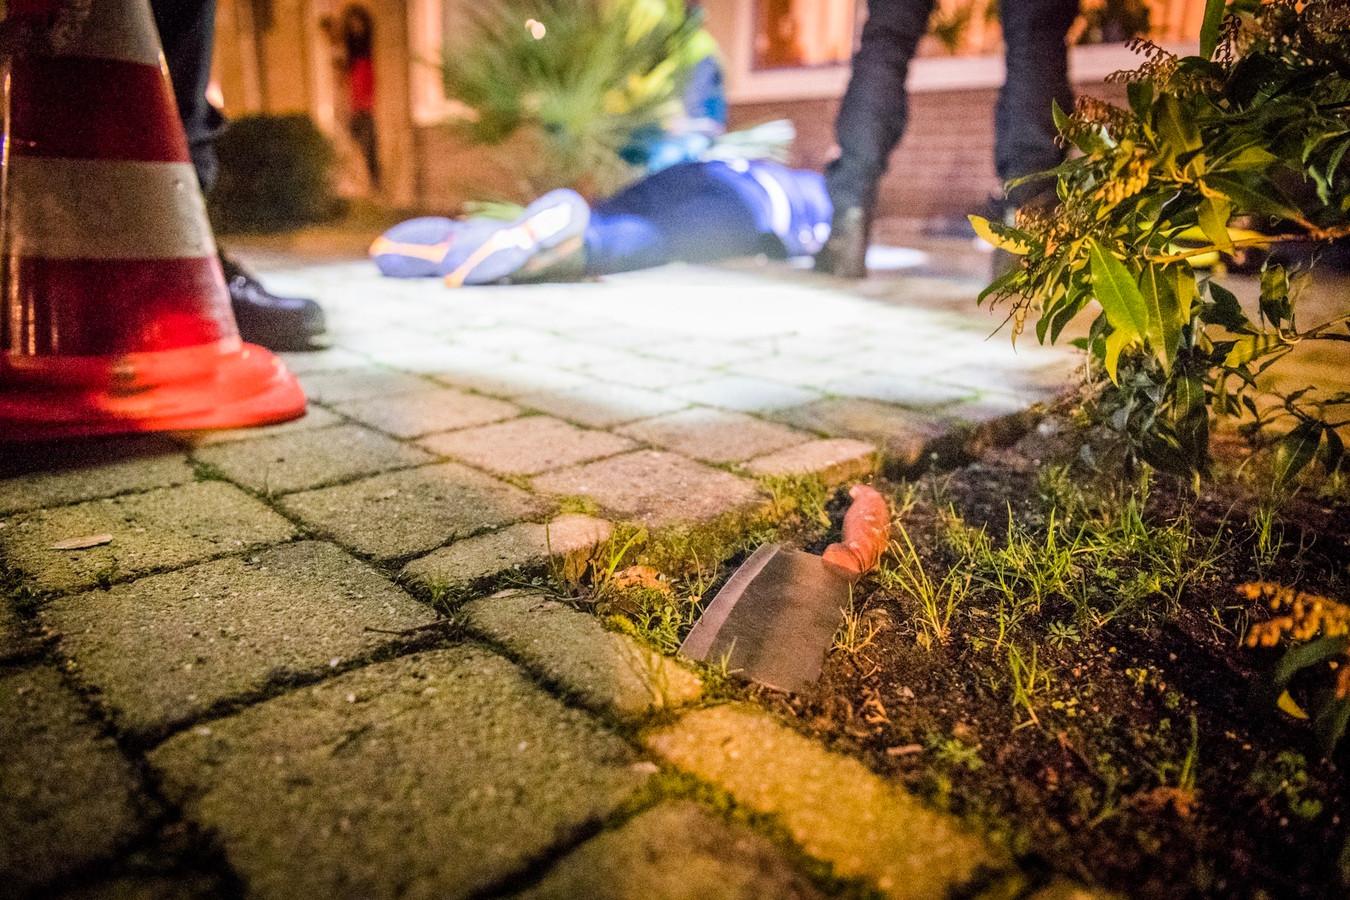 De overvaller wordt ingerekend in een voortuin in Eindhoven. Op de voorgrond het mes waarmee op de supermarktmedewerkers is ingehakt.